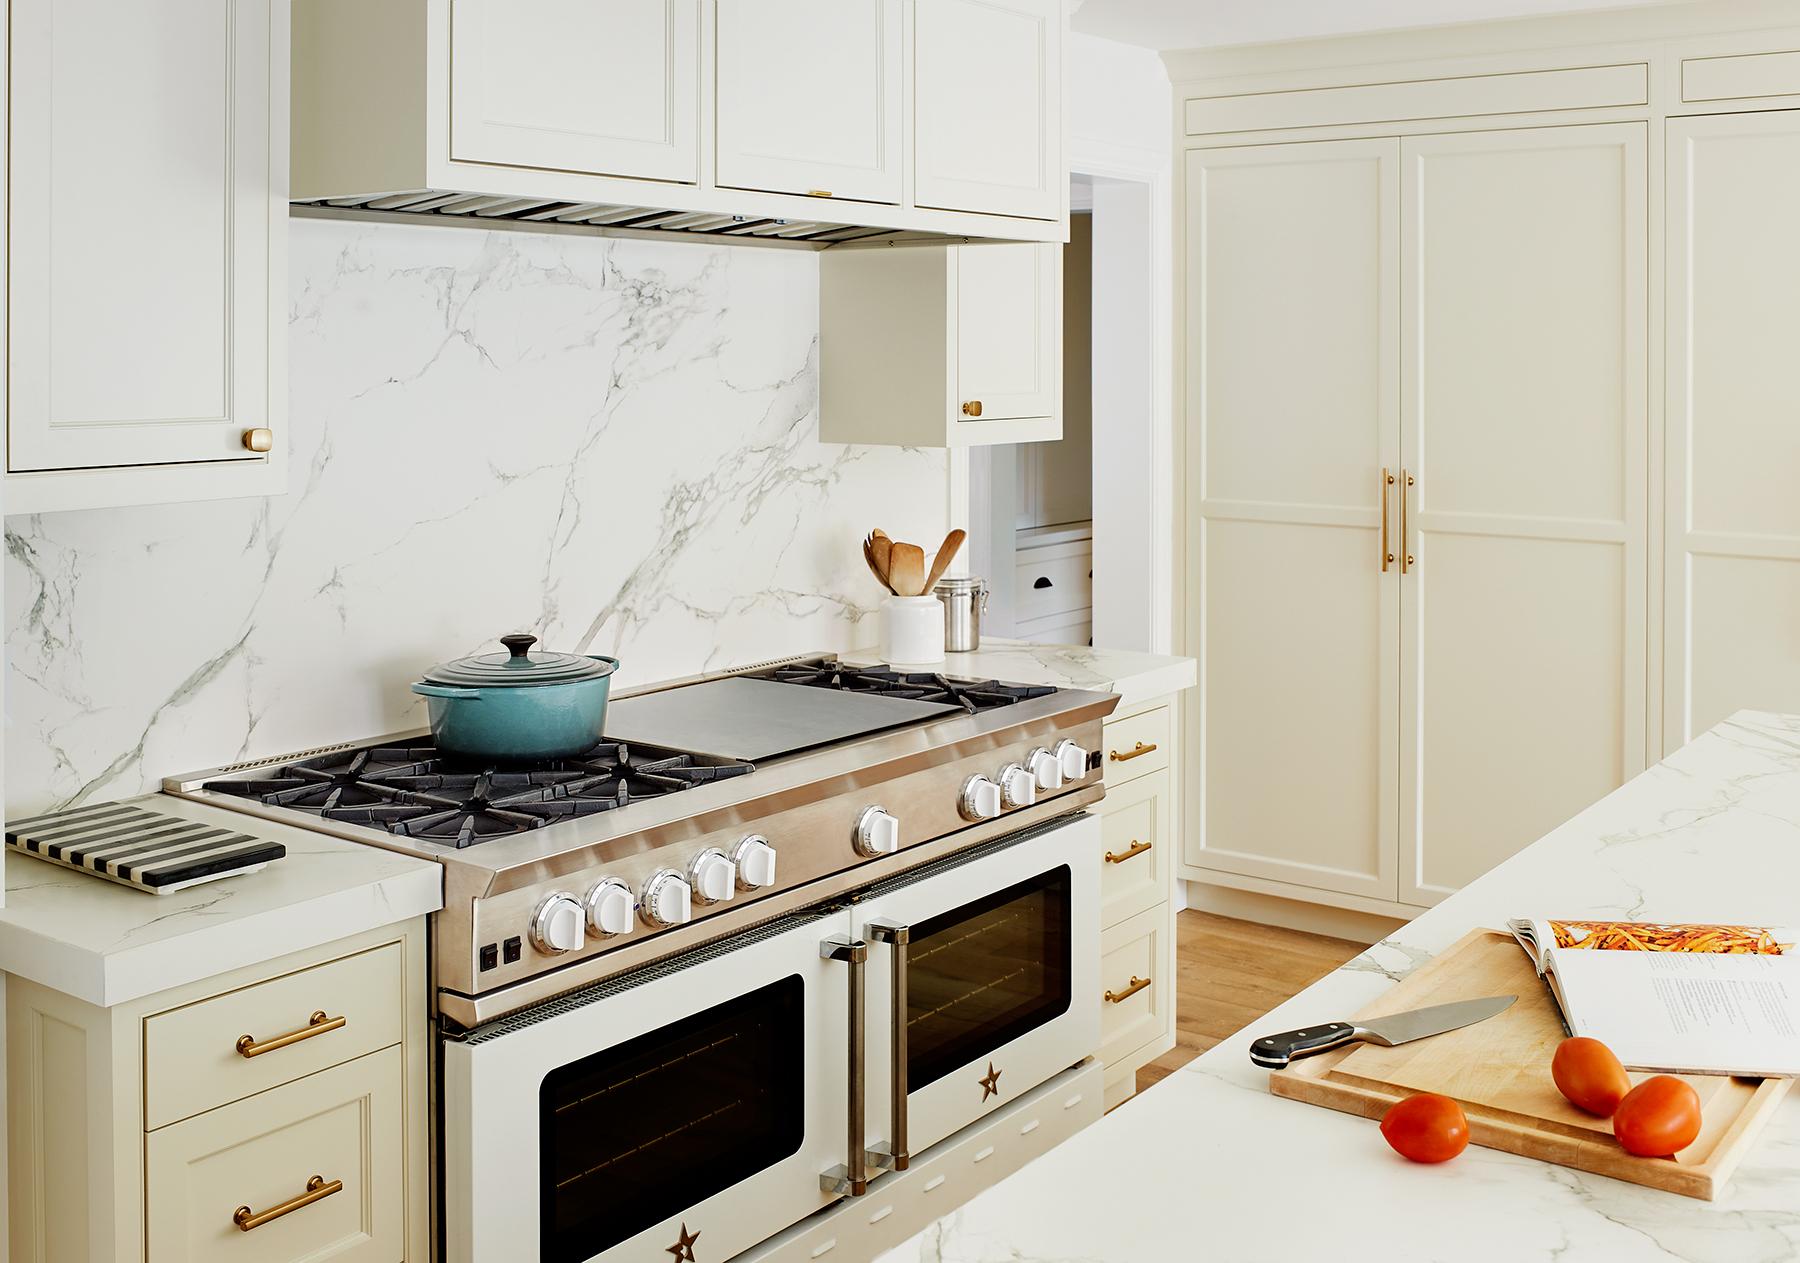 221170_Kitchen_Range.jpg